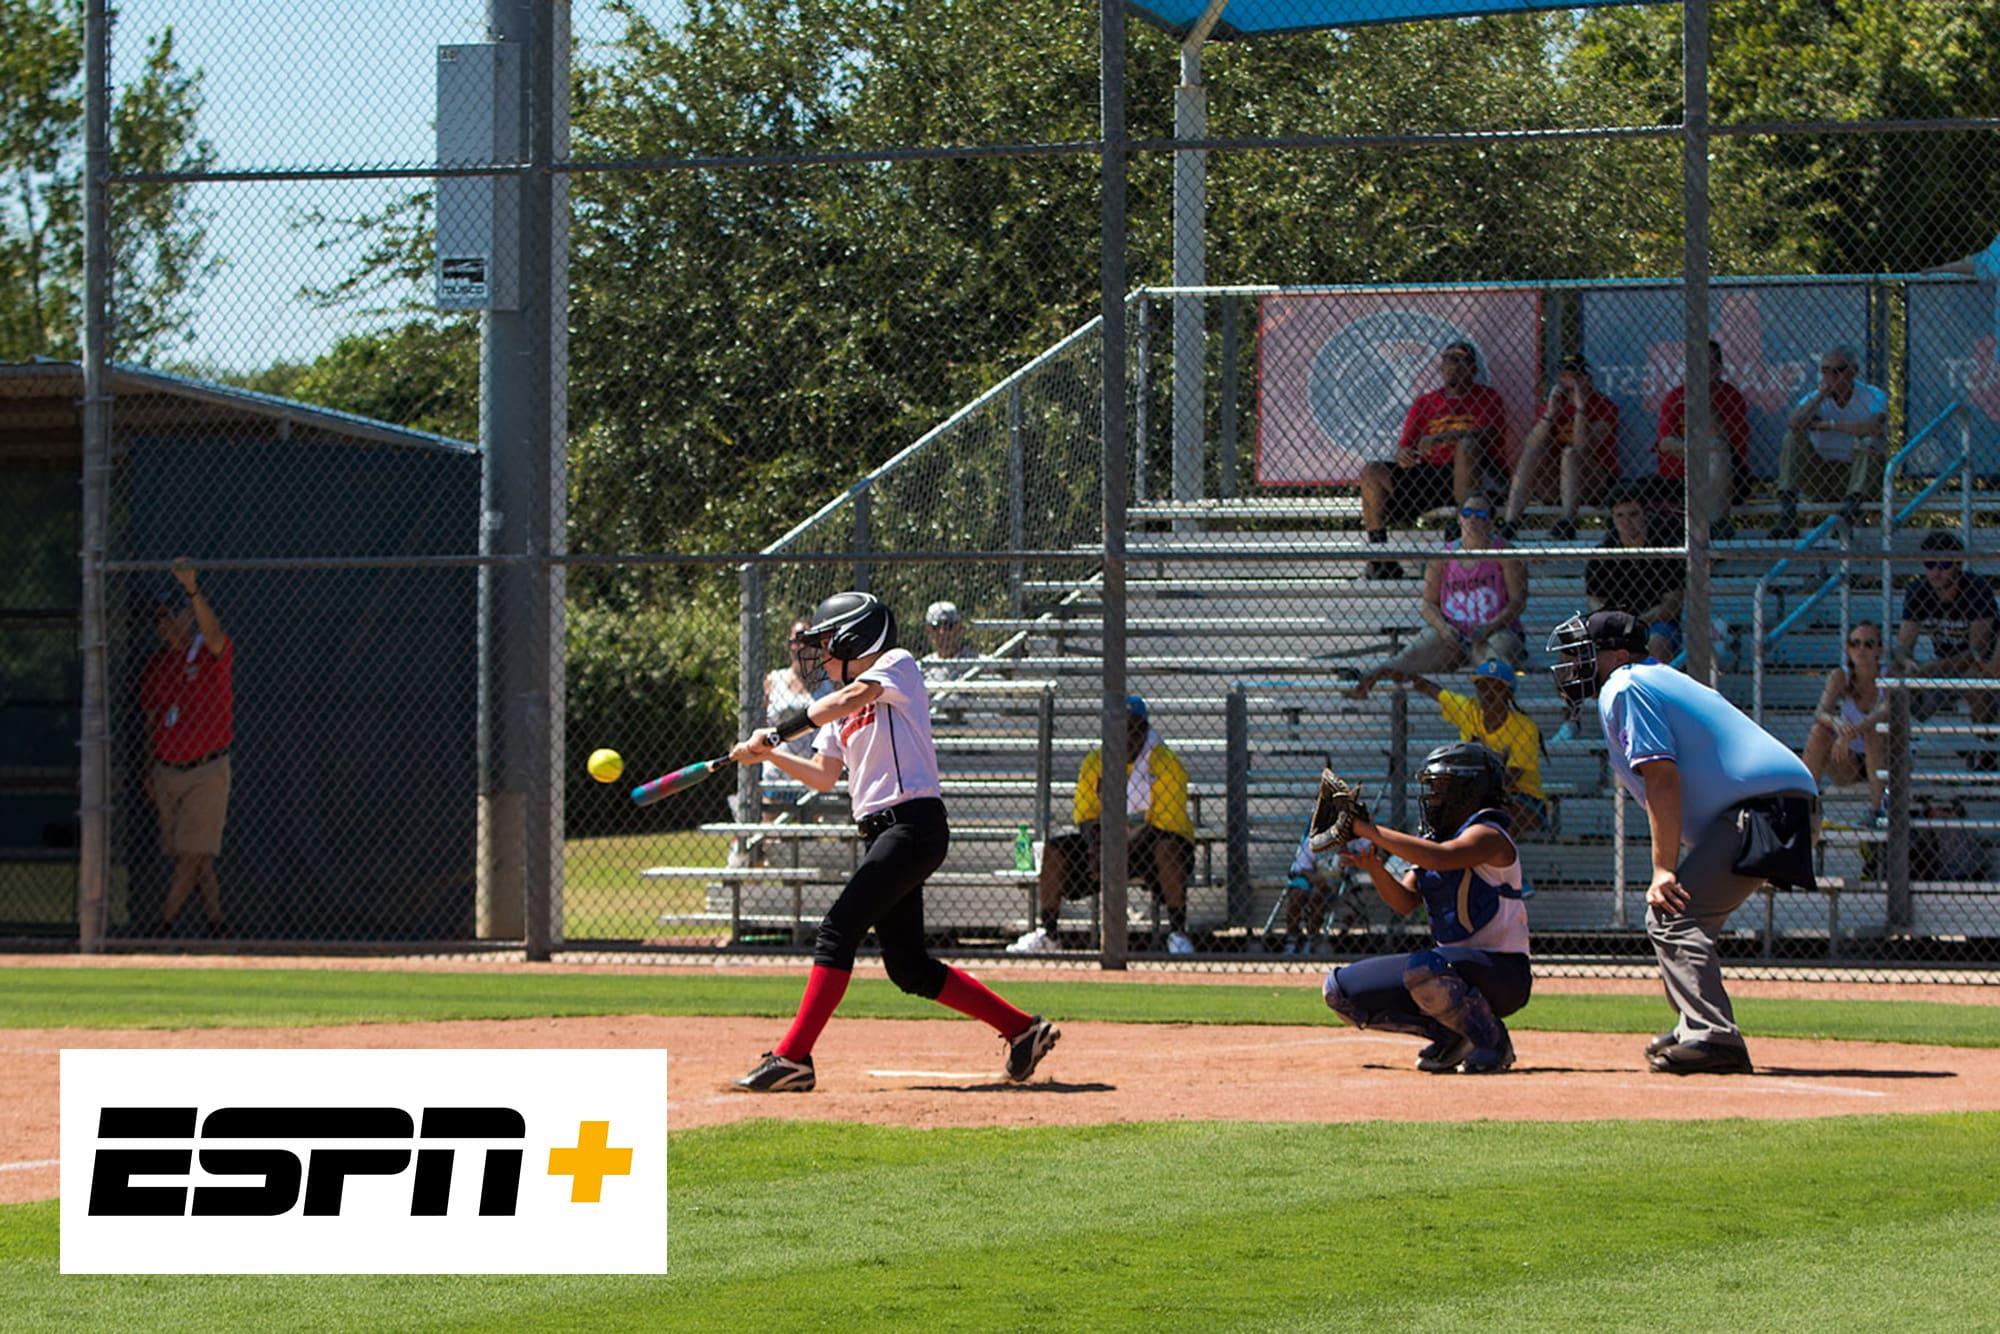 Regional Softball ESPN+